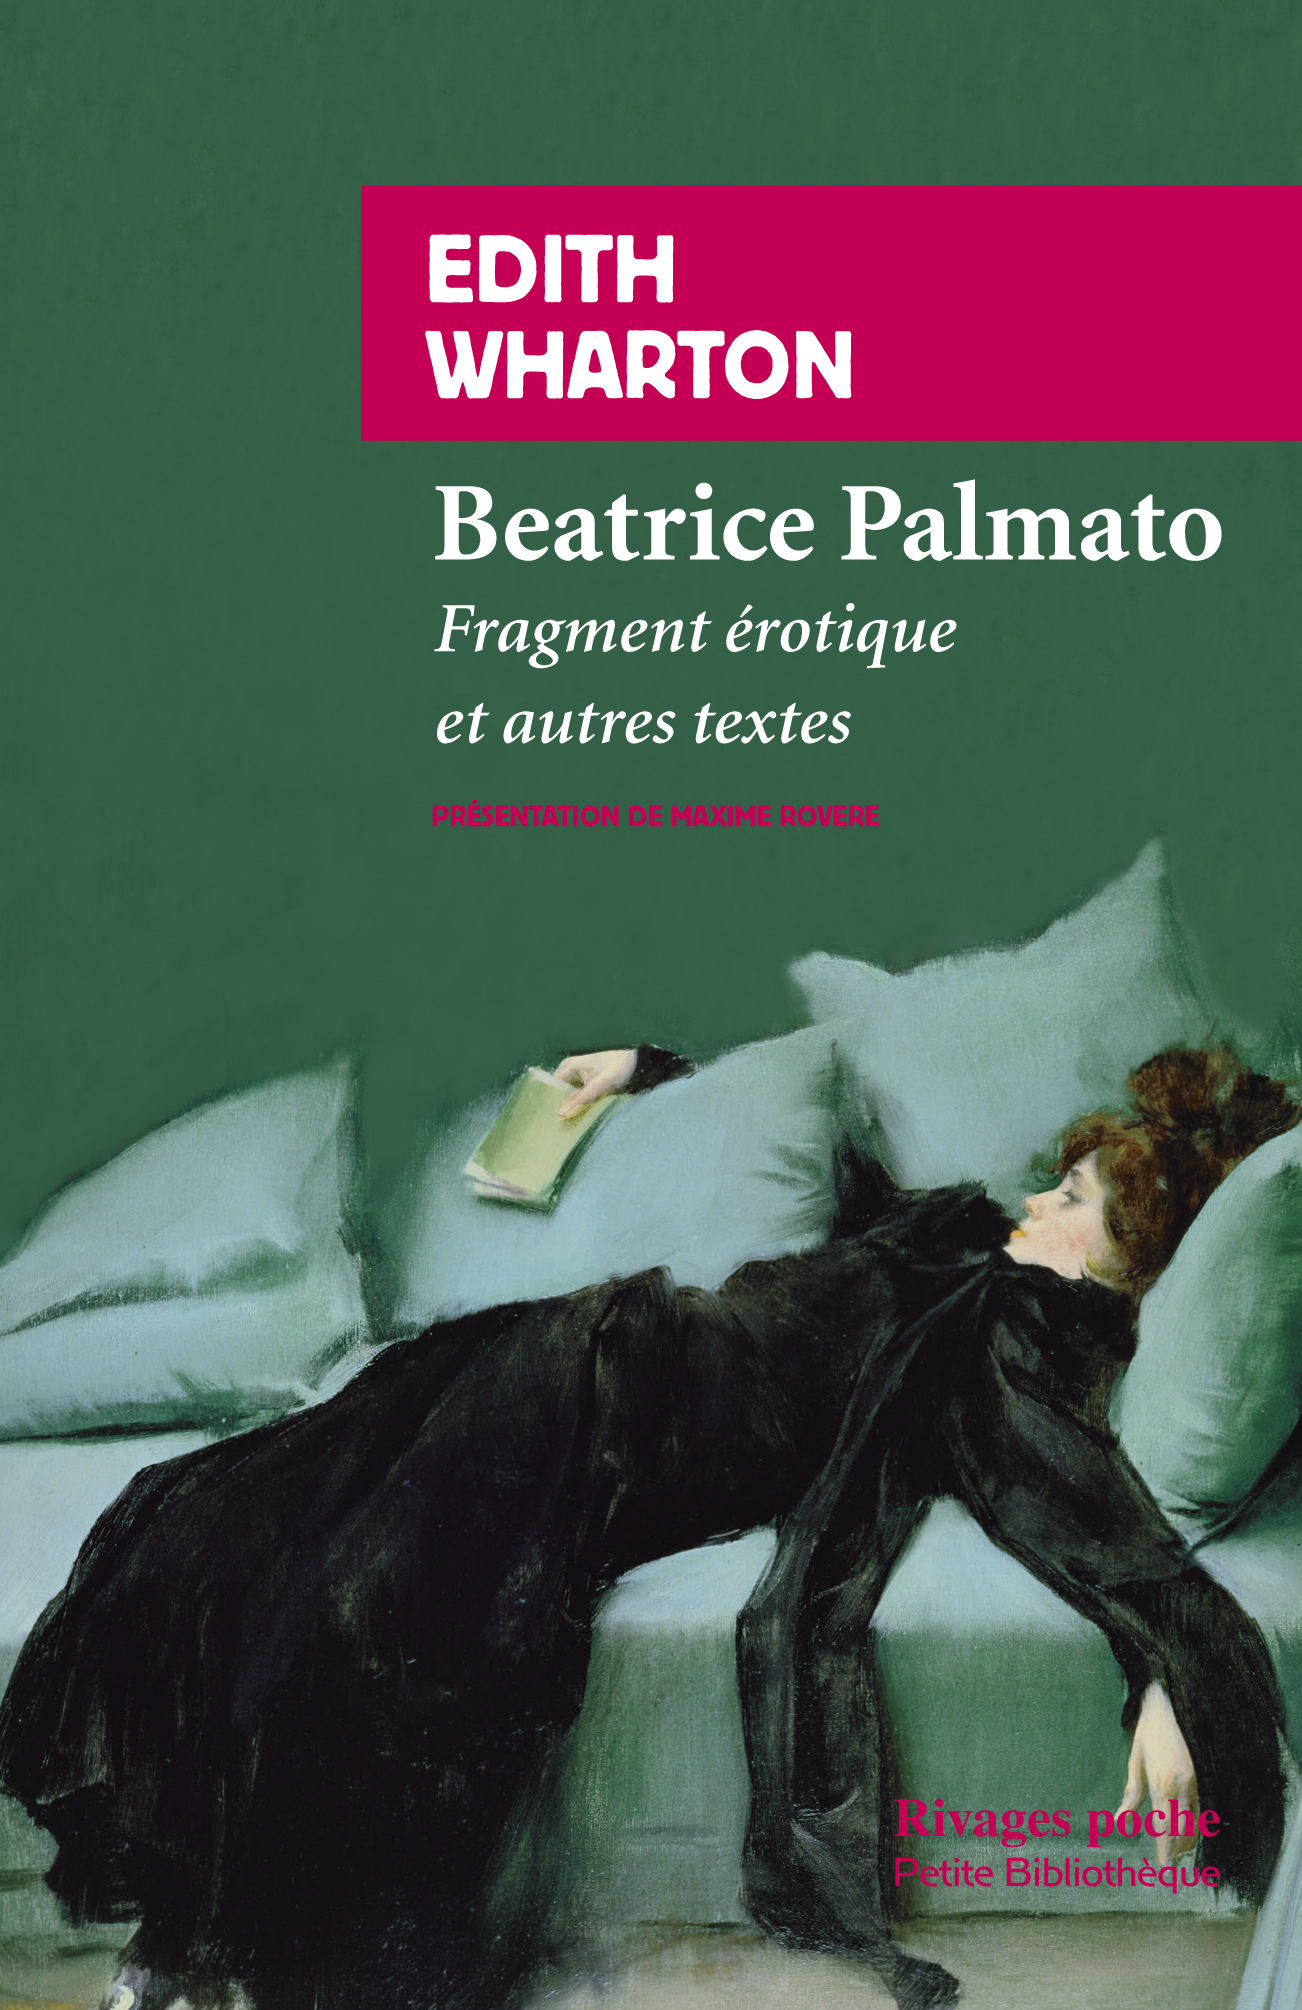 Beatrice Palmato